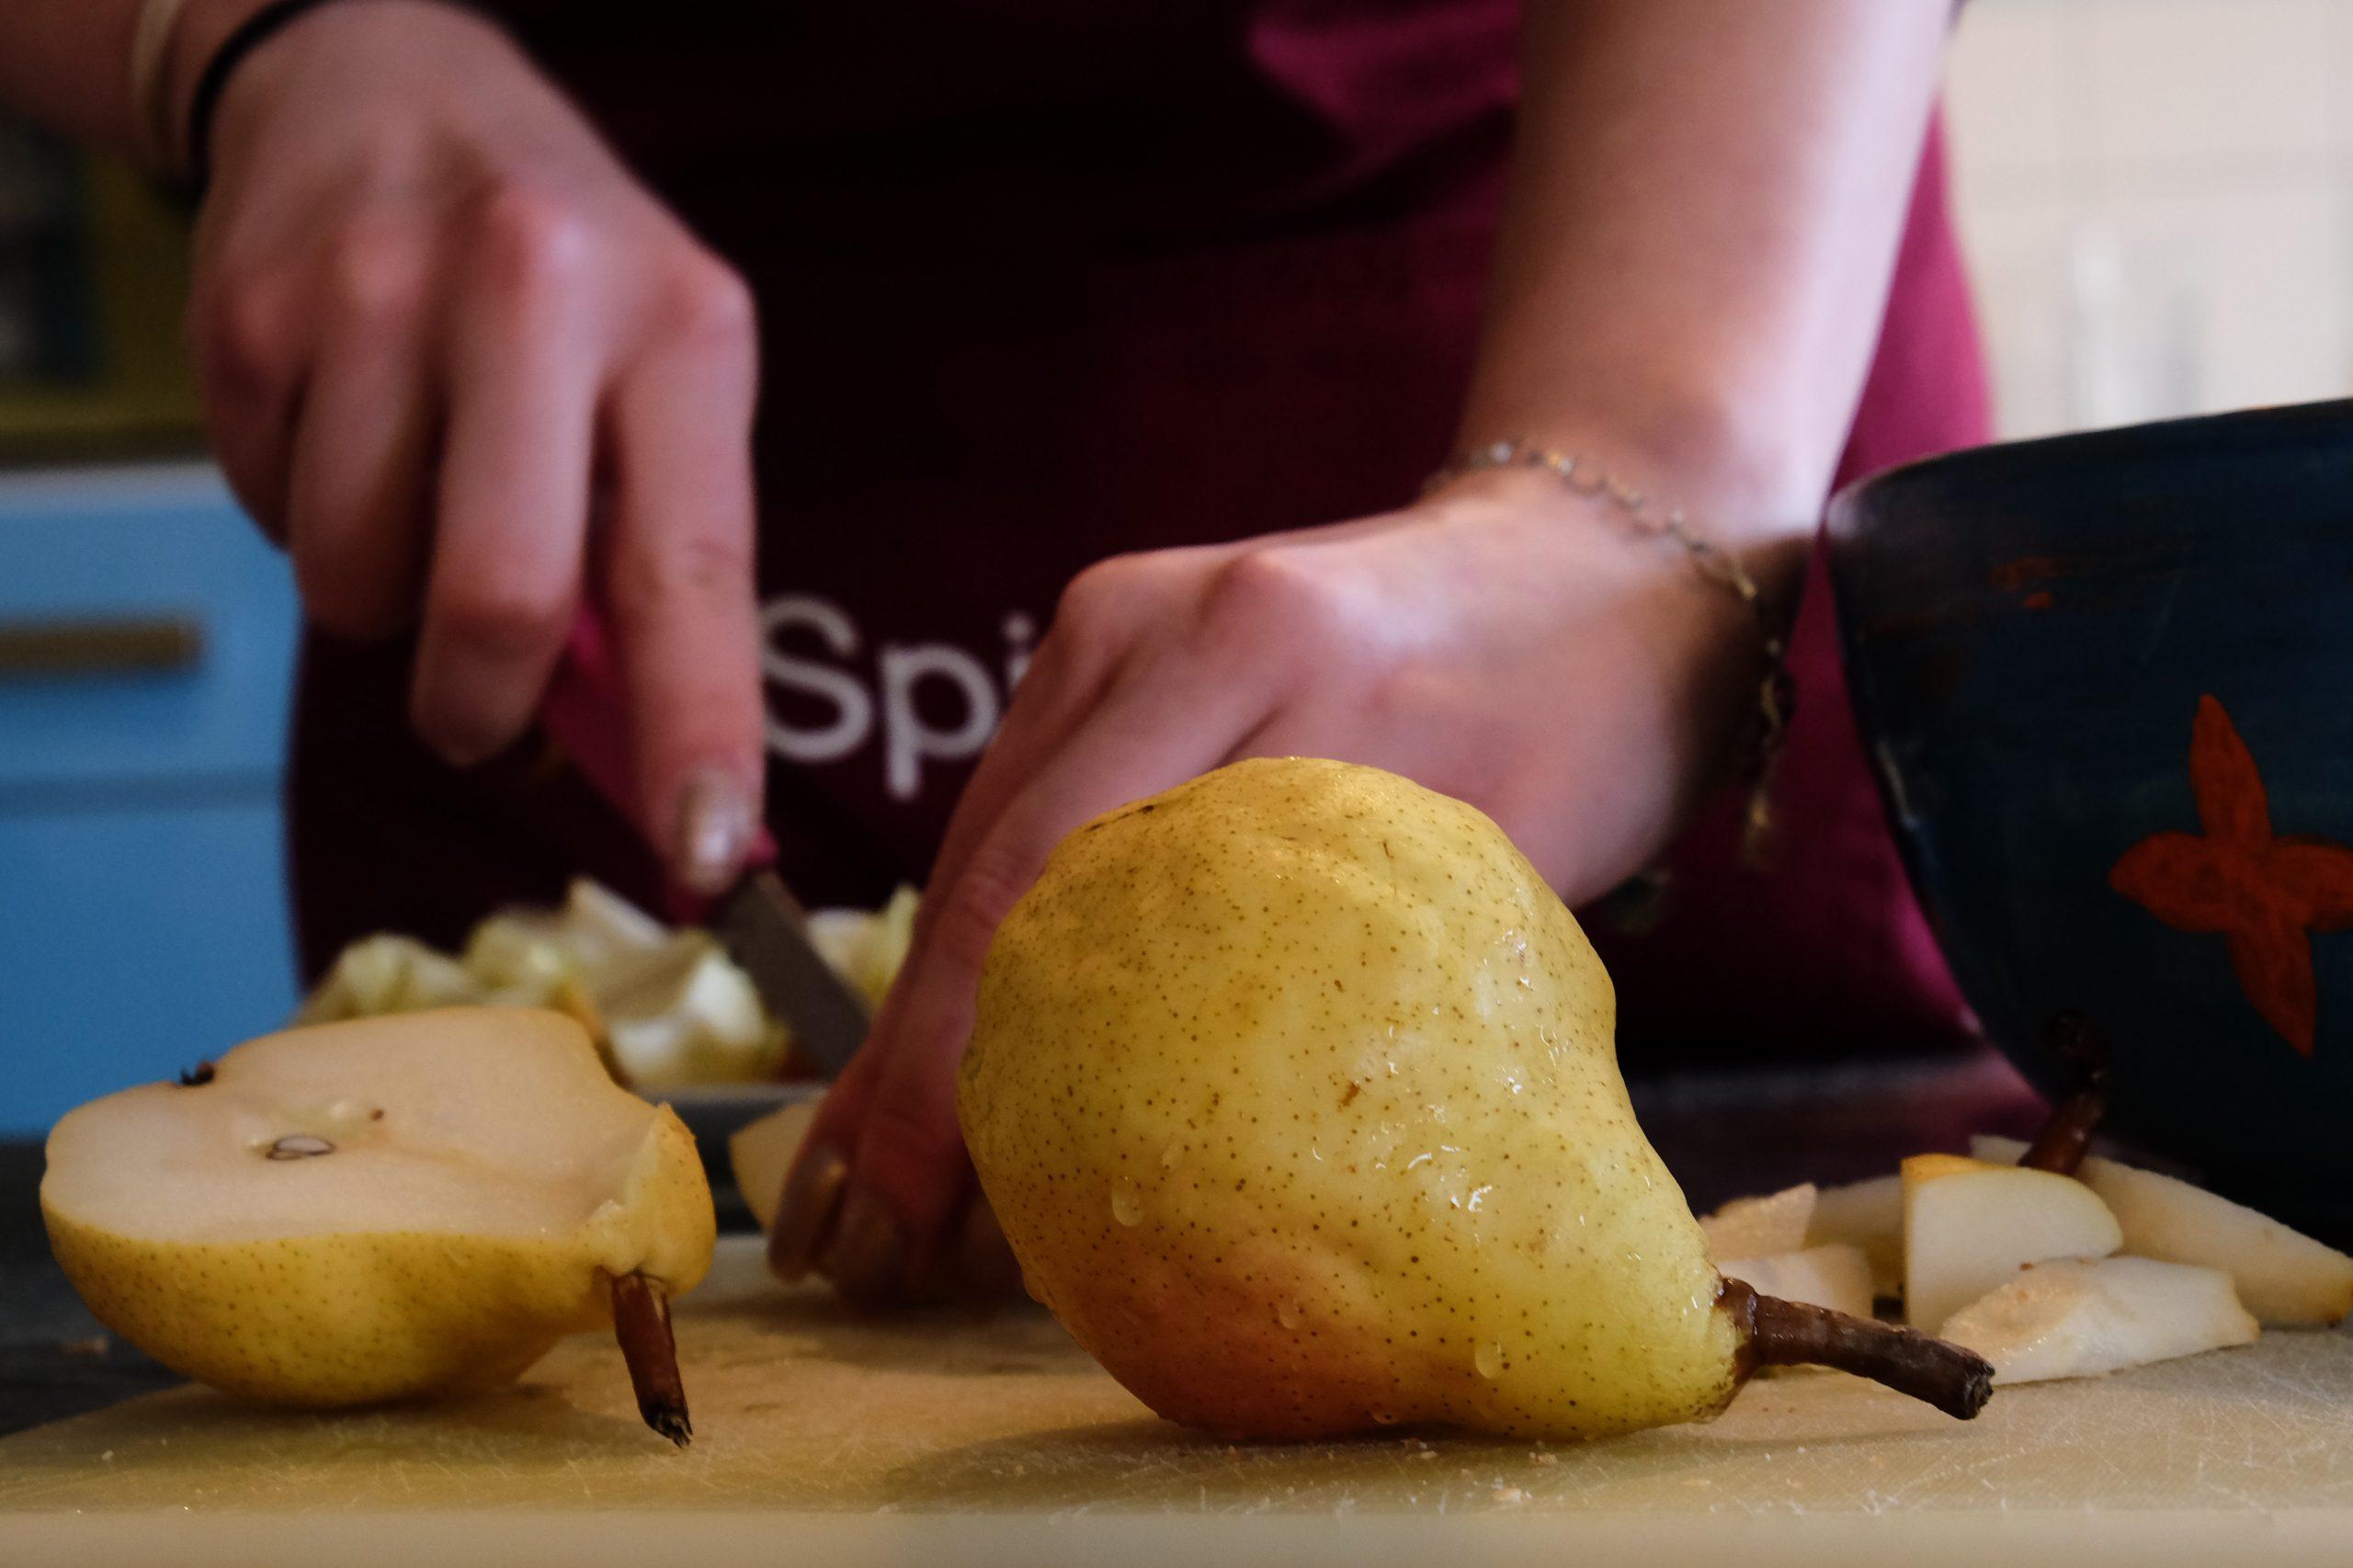 Eine Frau schneidet eine Birne auf